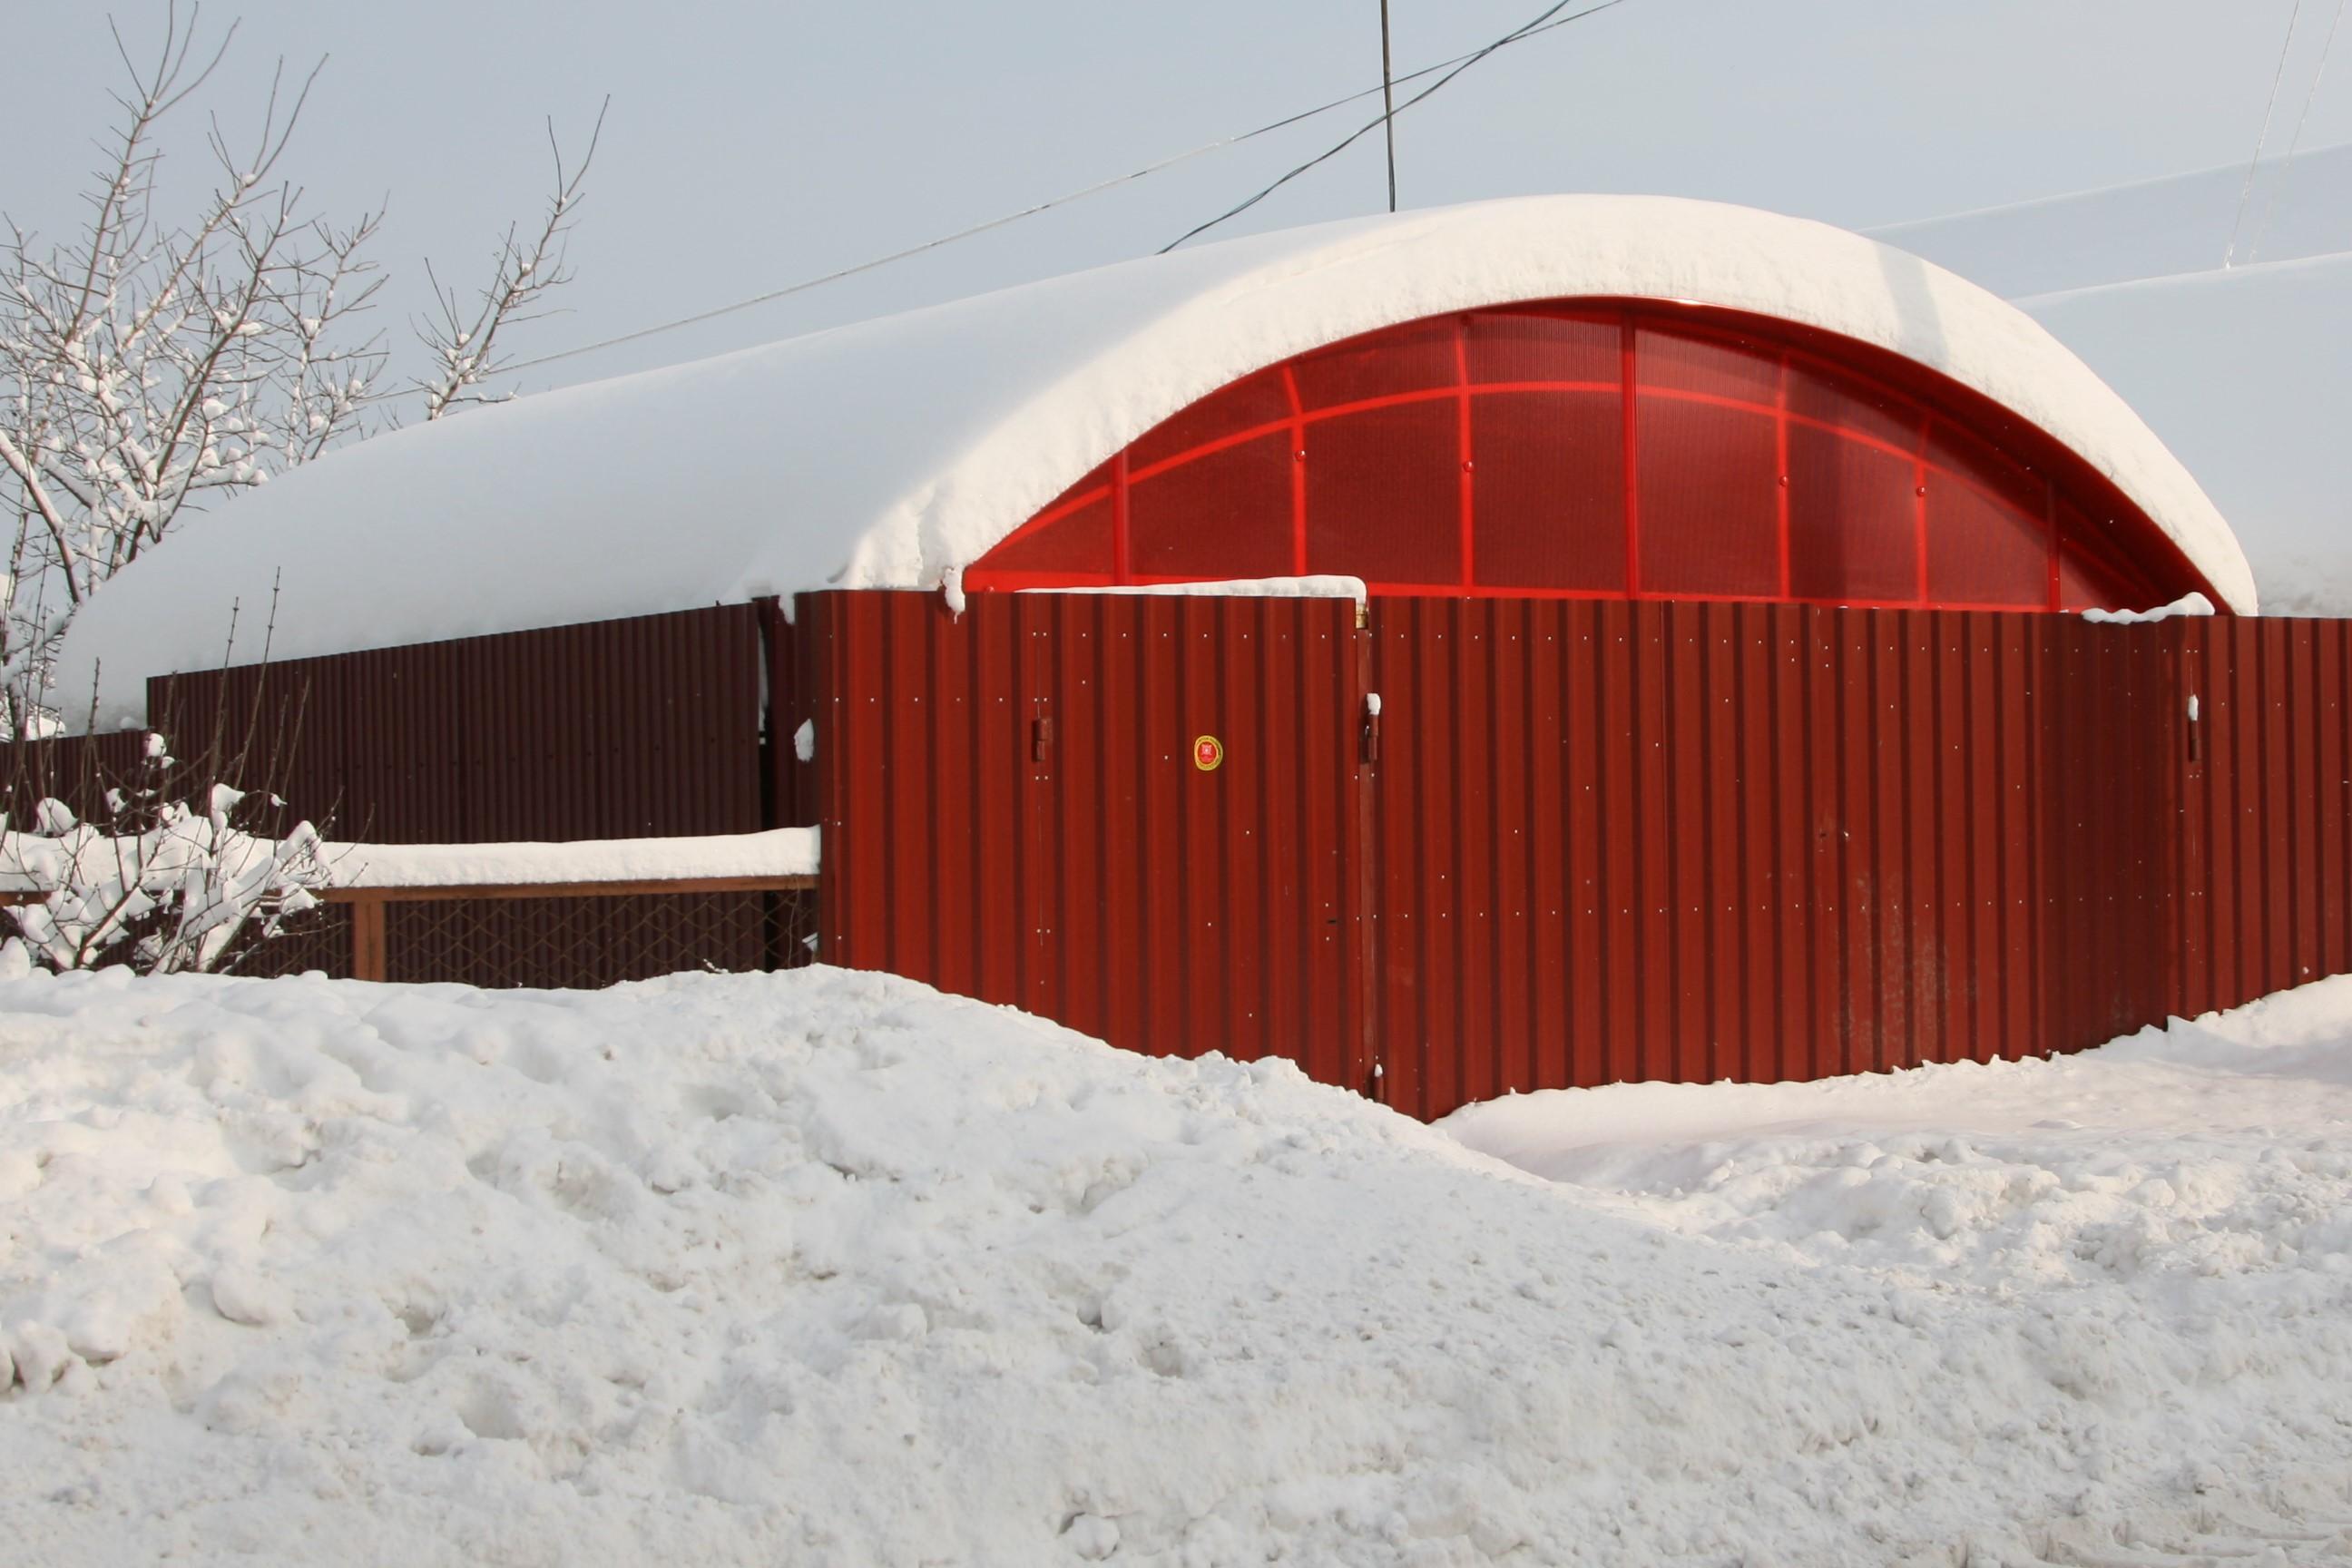 Как правило снег на наших навесах не собирается, но этой зимой снега было много. На навесе слой доходил до 50см!